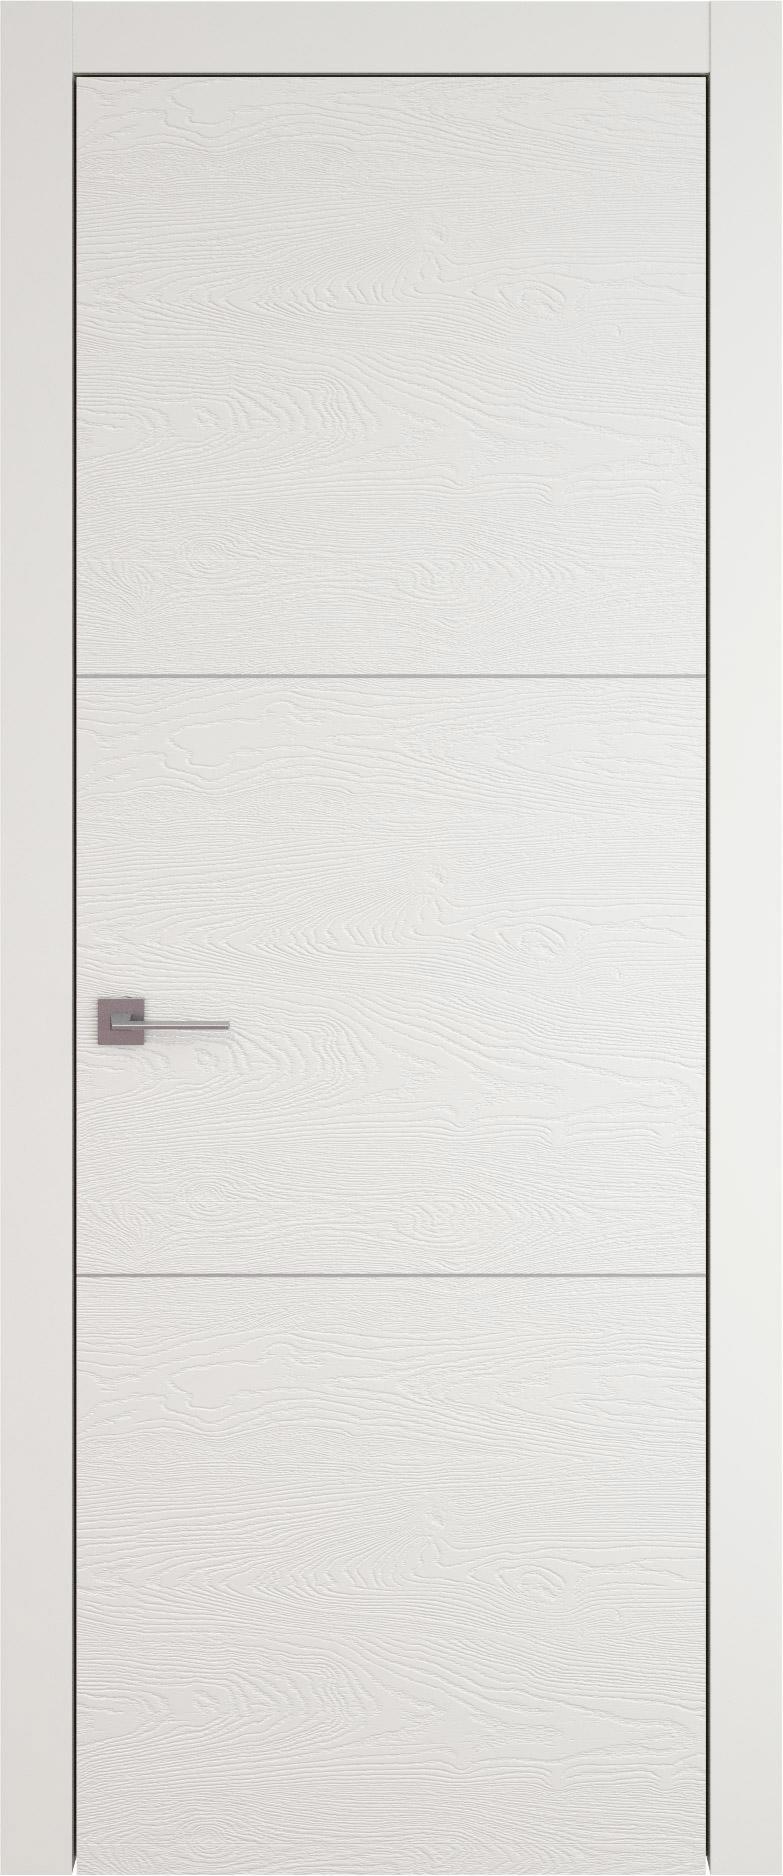 Tivoli В-2 цвет - Бежевая эмаль по шпону (RAL 9010) Без стекла (ДГ)